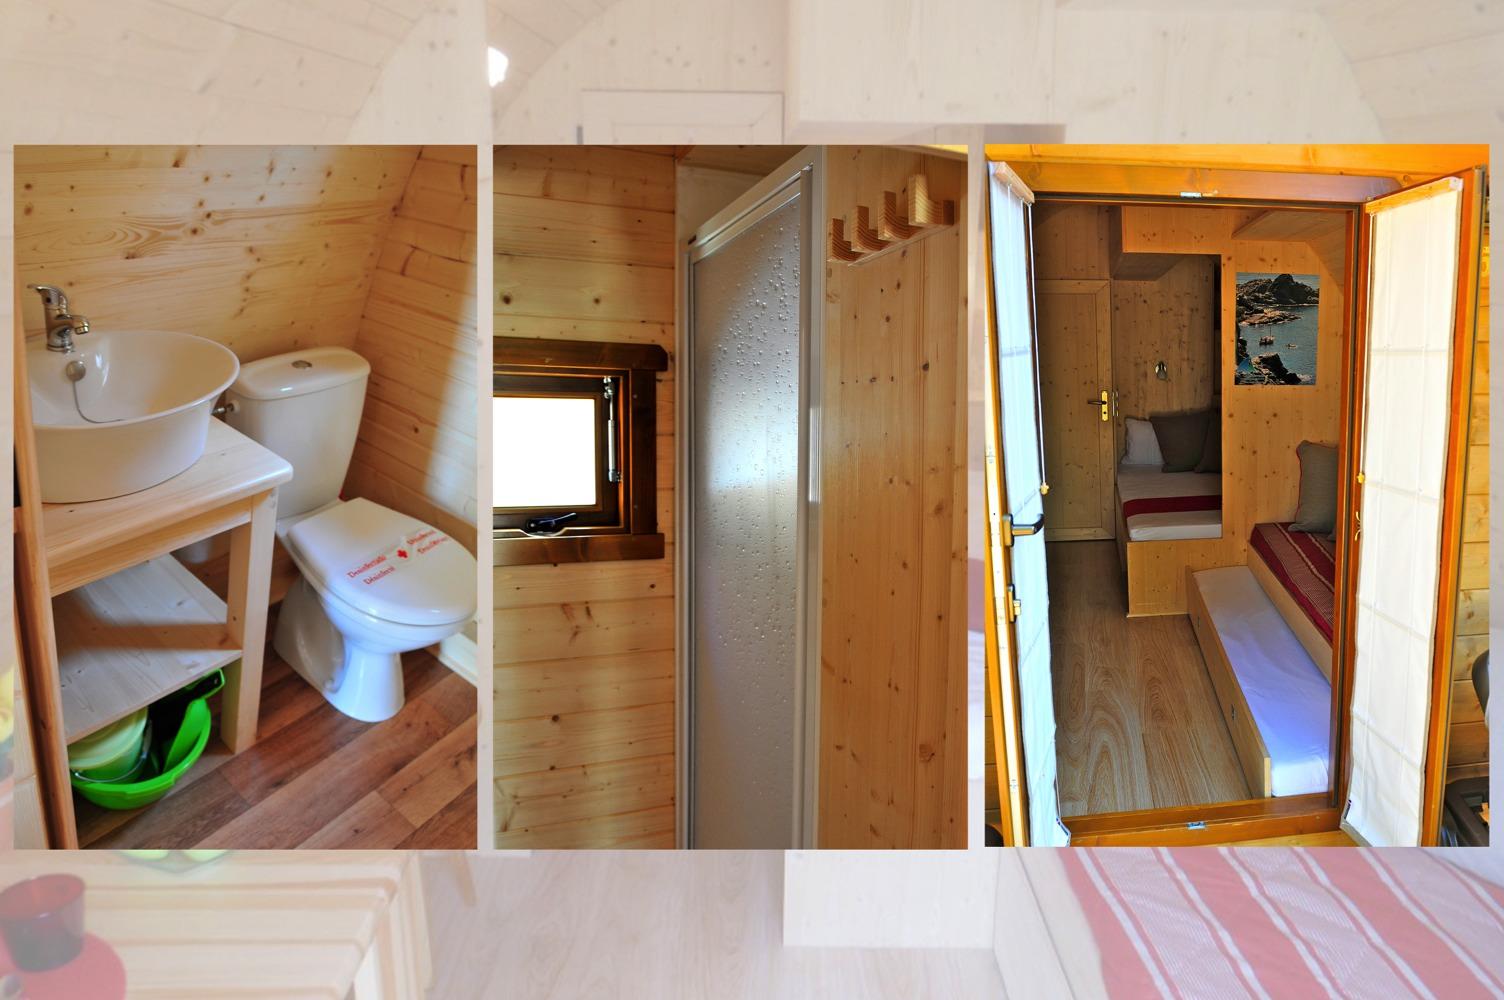 Megapod salle de bain avec douche